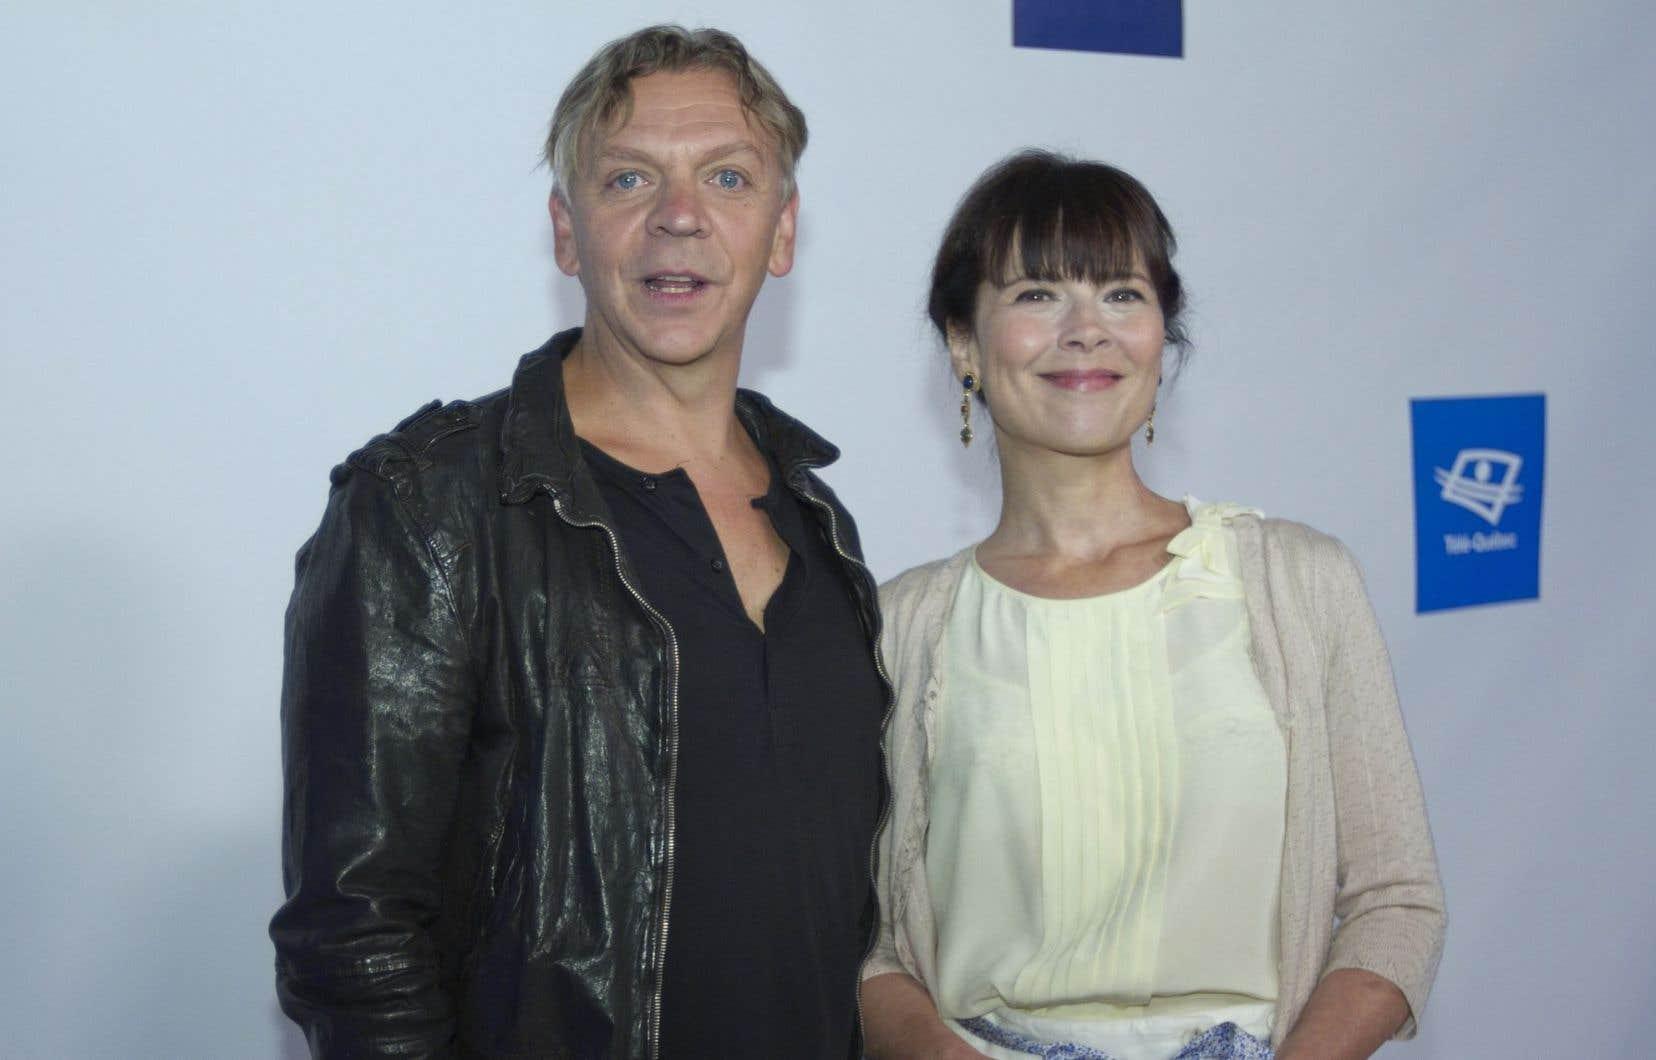 Il s'agira de retrouvailles pour Marc Labrèche et Anne Dorval, des complices de longue date qui ont travaillé ensemble sur plusieurs projets, notamment <em>Le coeur a ses raisons </em>et <em>Les Bobos</em>.